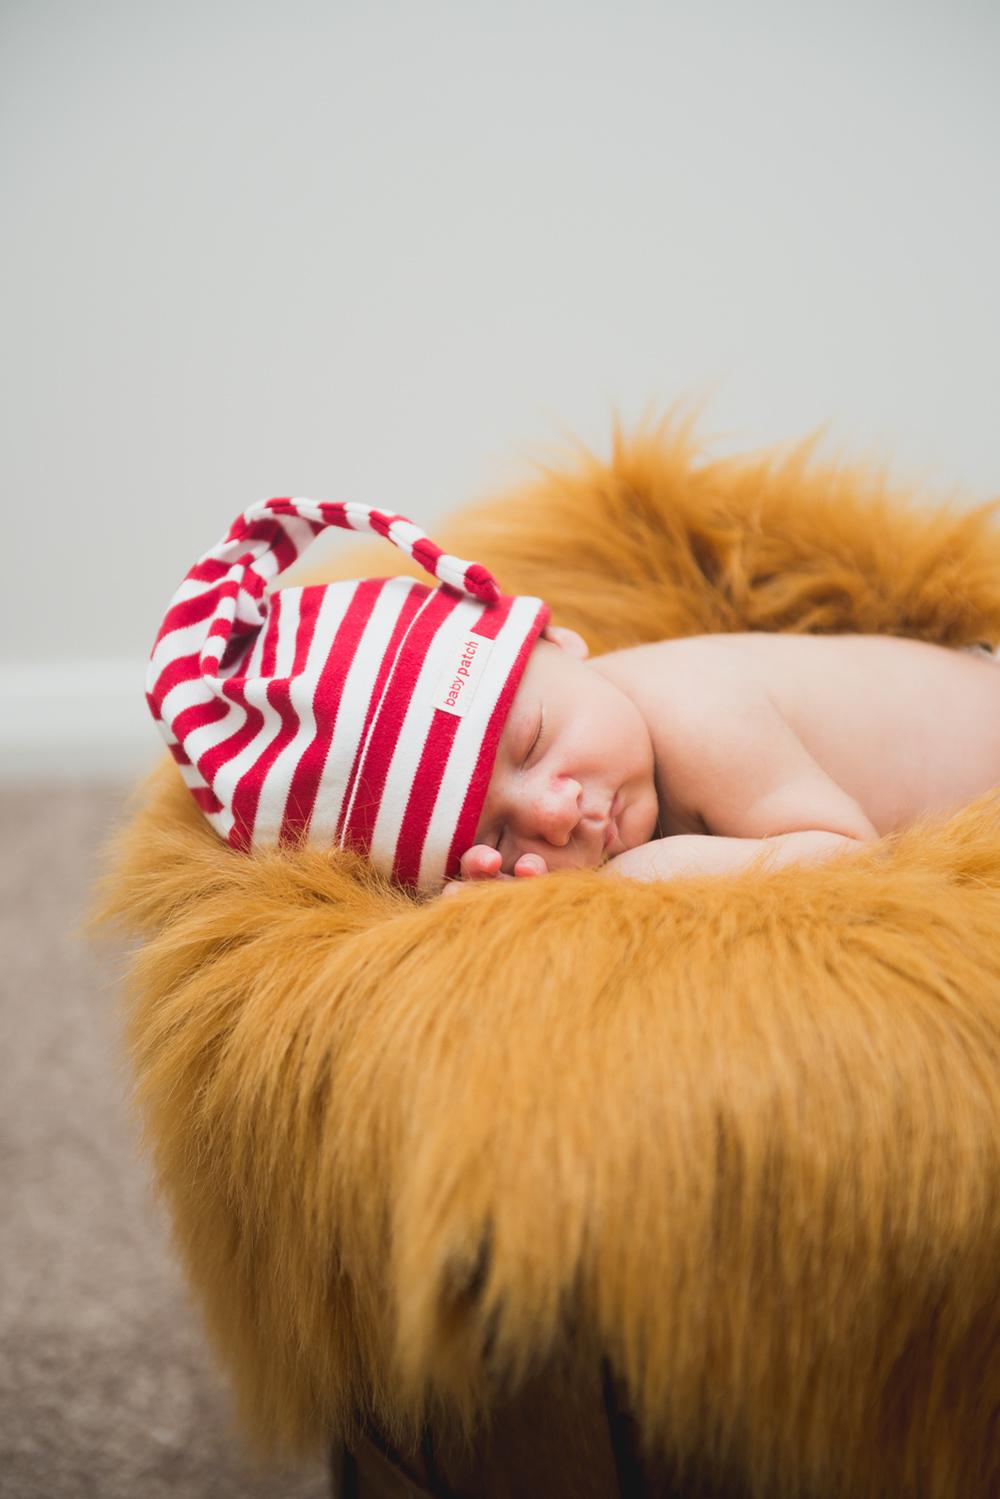 Baby IMAGE 029 - 8479.jpg